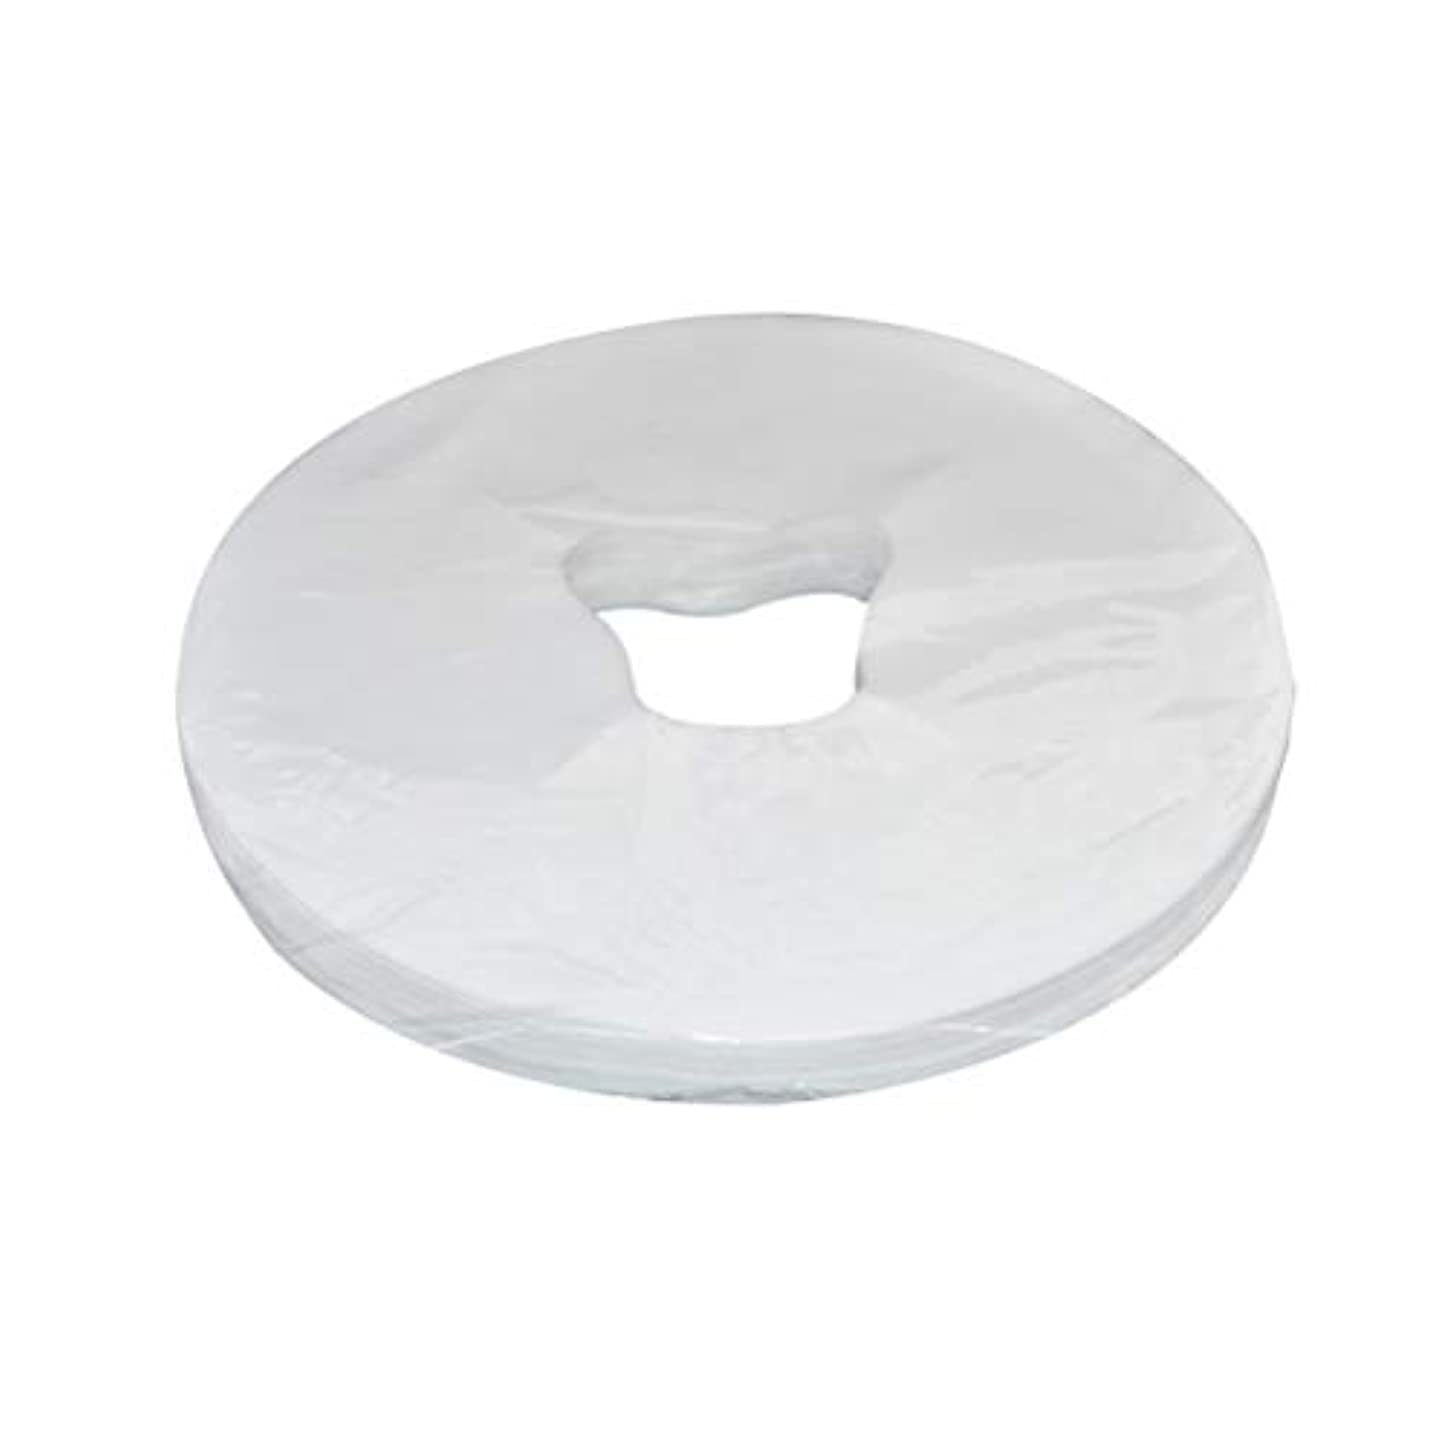 俳優用心する取り戻すSUPVOX 100シートマッサージフェイスレストカバー使い捨てフェイスクレードルカバーマッサージヘッドレストカバーSPA美容院マッサージタトゥーホテルマットレスカバー29×28 cm(ホワイト)